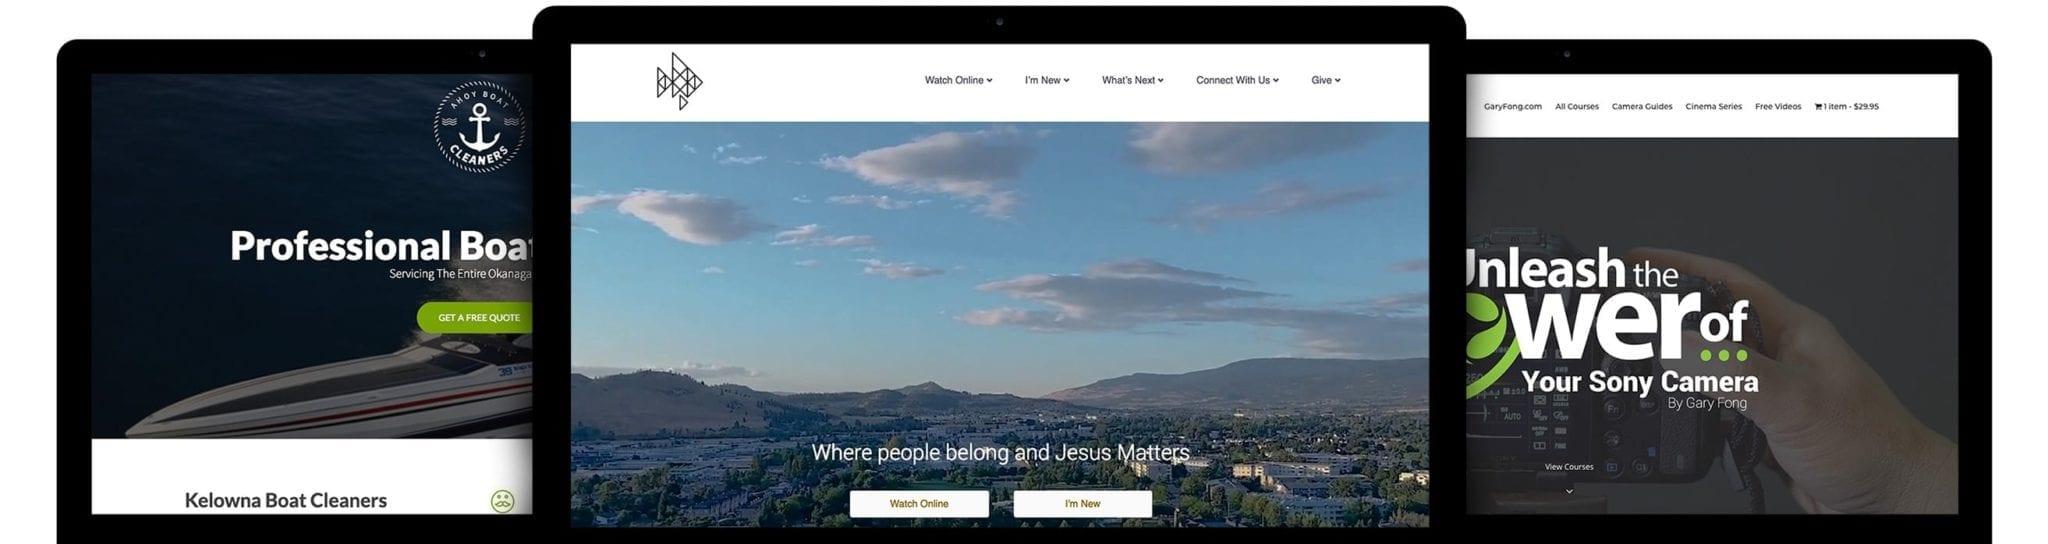 websites-banner